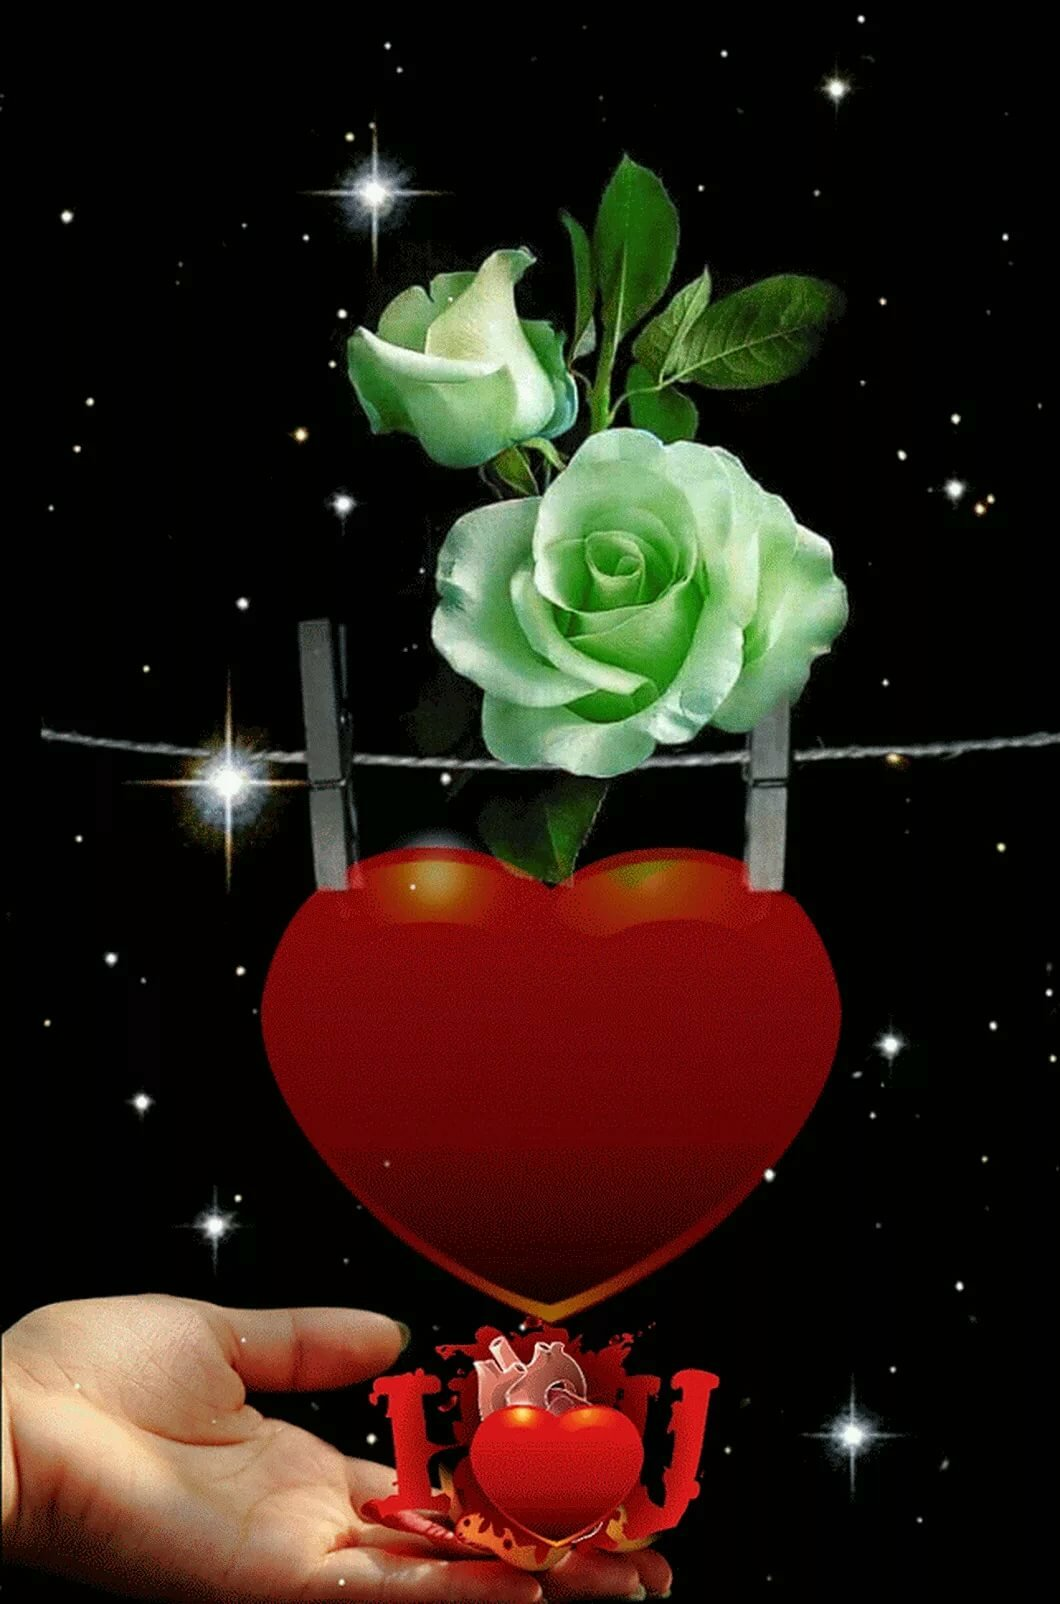 станет она картинки с розами и сердечками гифки нарисовали женские